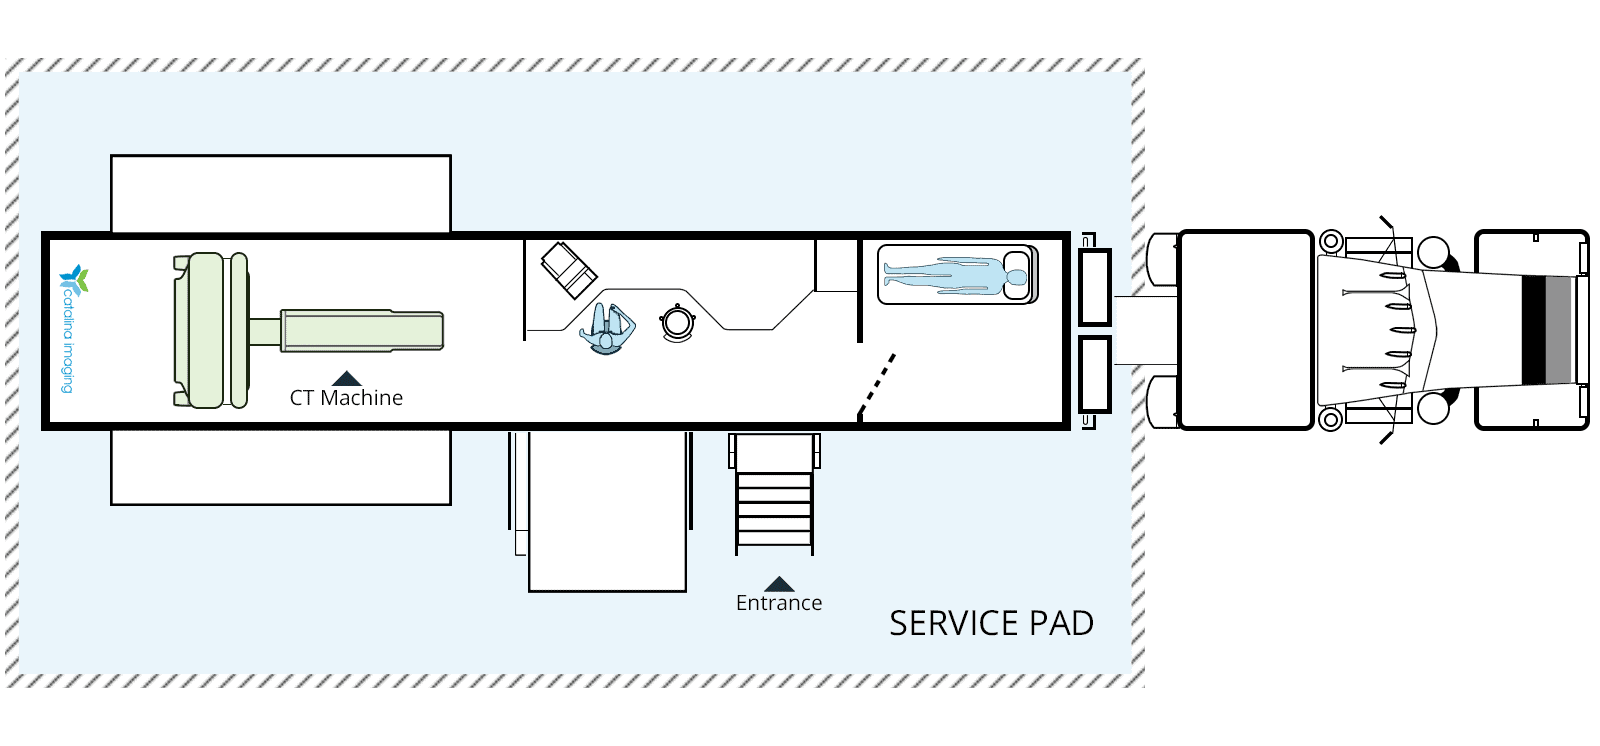 Mobile CT Trailer Guide